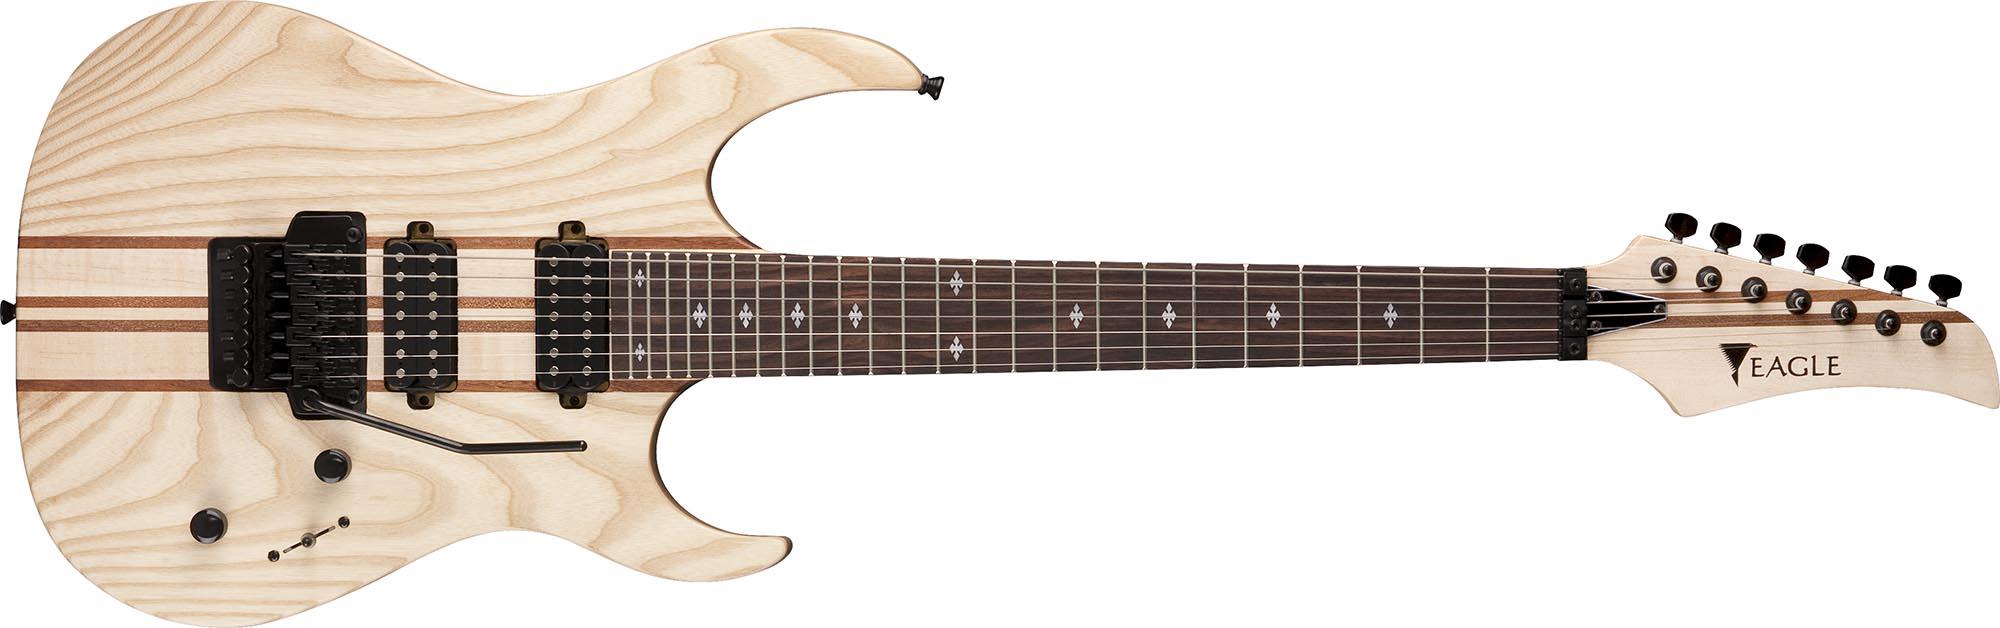 egt66 guitarra eletrica 7 cordas eagle egt66 stnt natural acetinado visao frontal